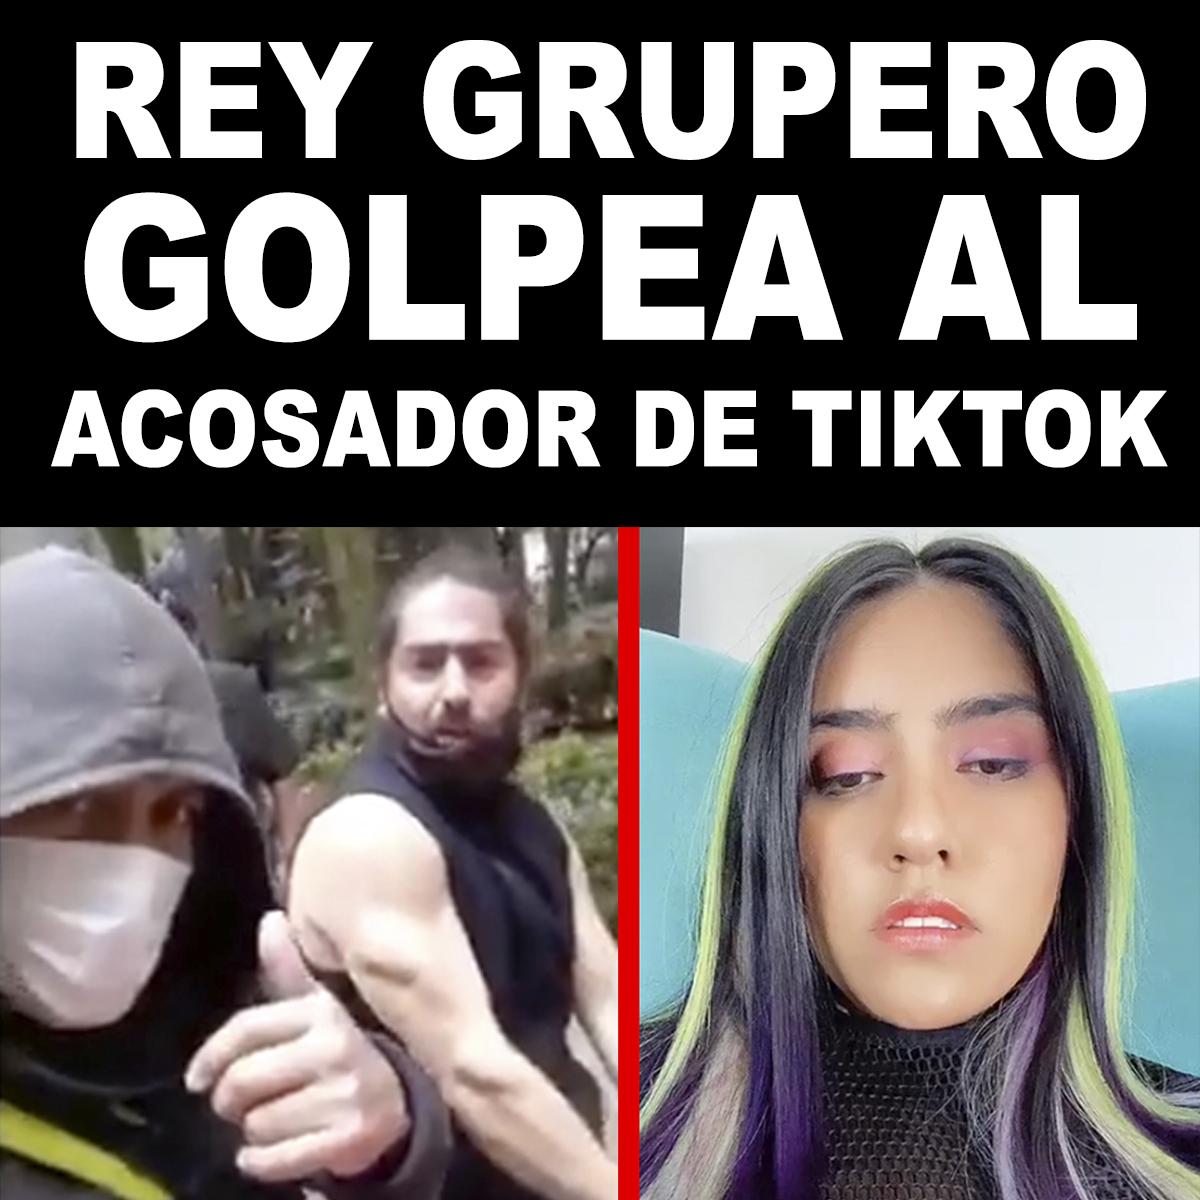 REY GRUPERO HUMILLA AL ACOSADOR DE TIK TOK Link del video: https://t.co/i9y1hT41DN  #reygrupero #augusto #tiktok #acosador https://t.co/9Lwwk0j0Nb